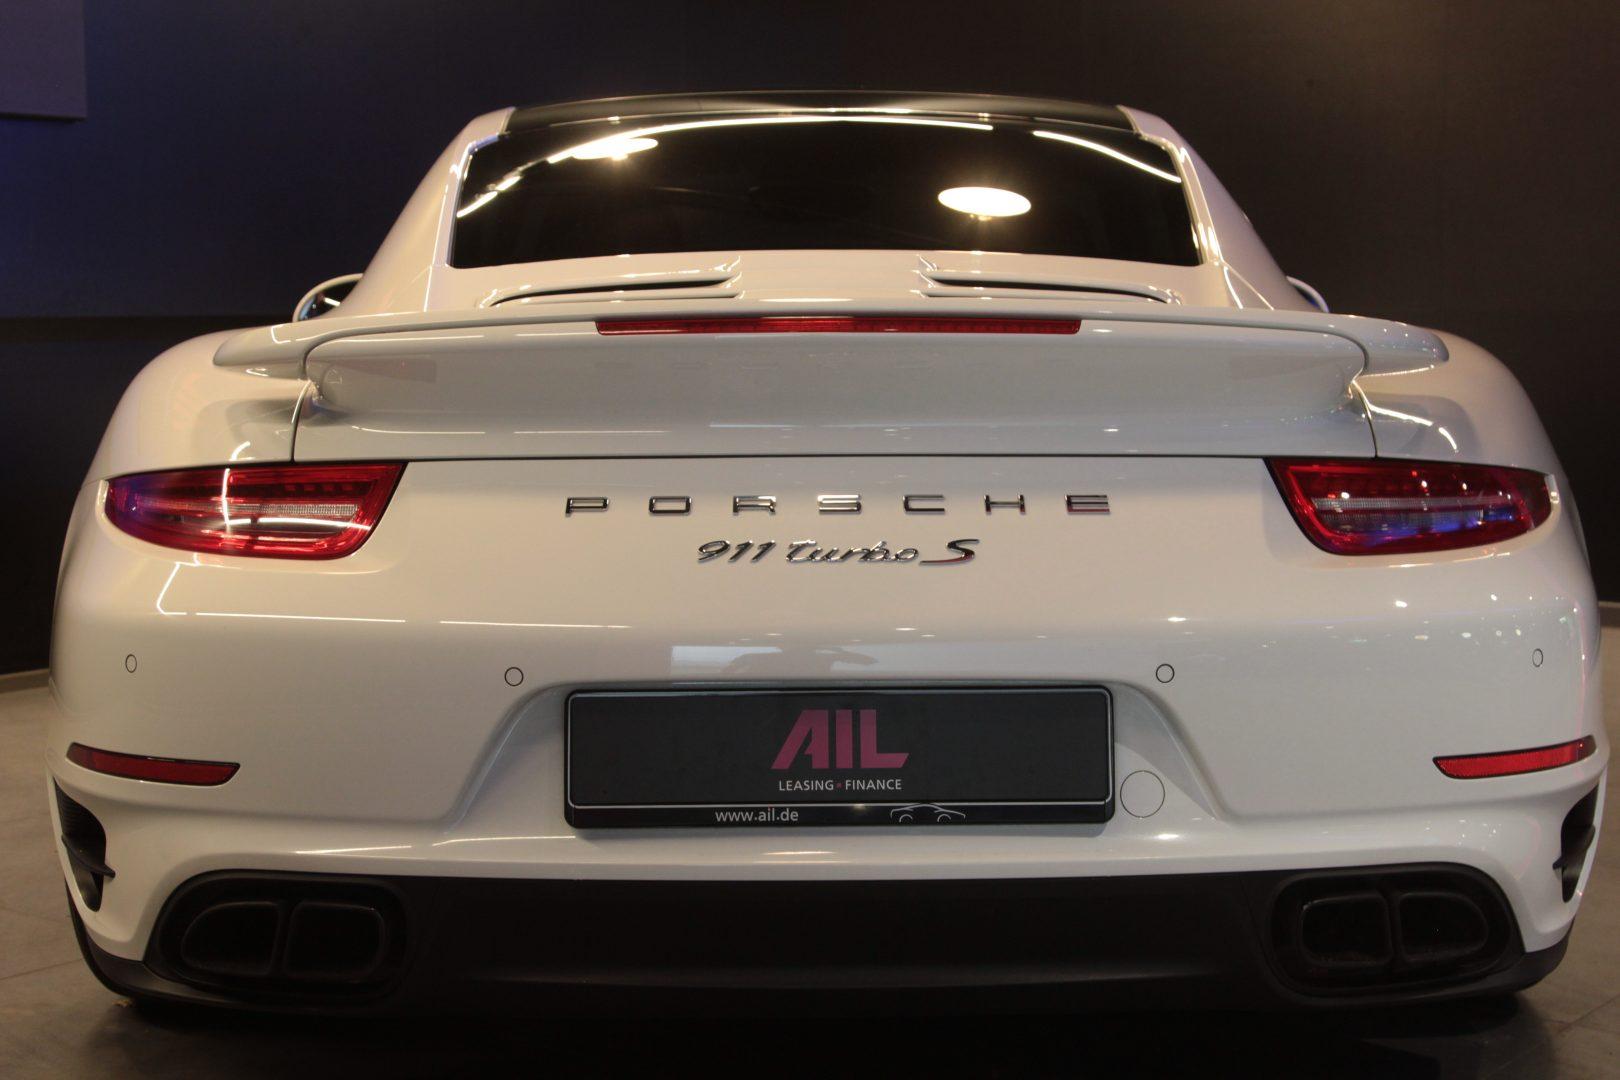 AIL Porsche 991 Turbo S 10